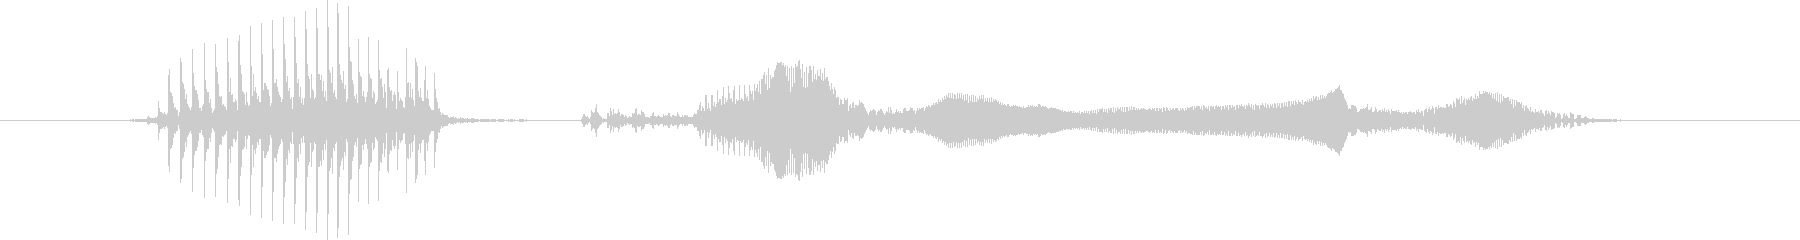 かっくいーの未再生の波形